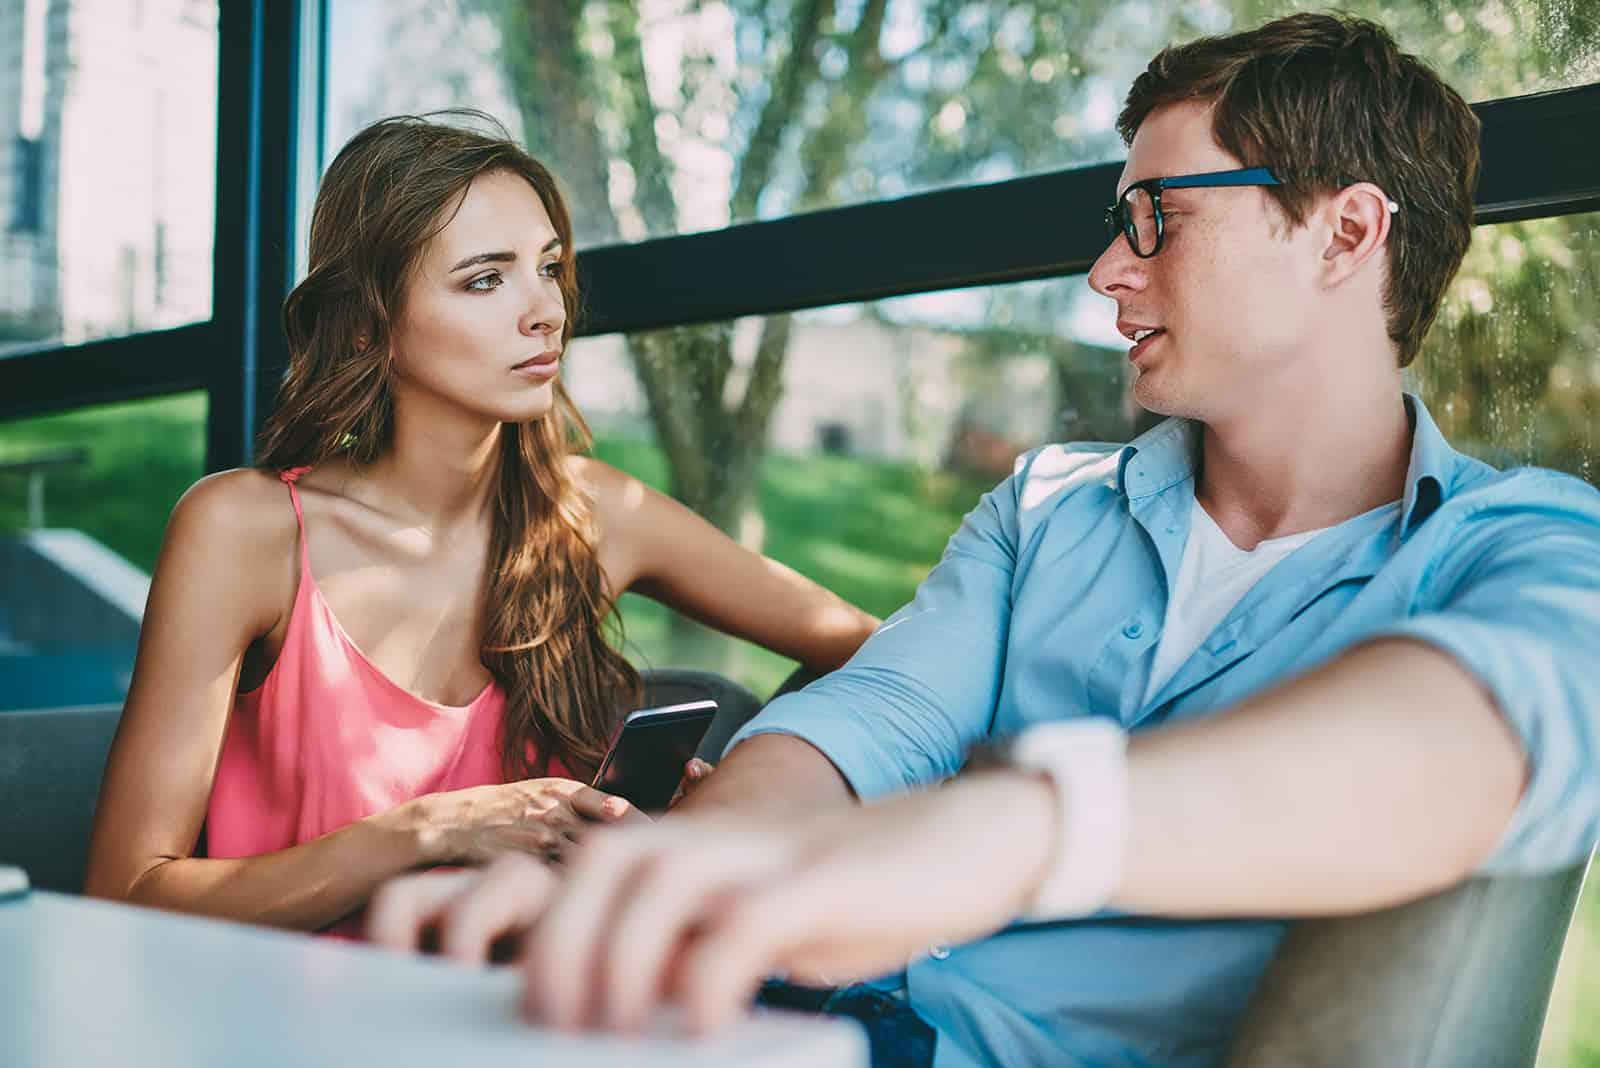 Un homme regardant une femme sérieuse assise à côté de lui et tenant un smartphone